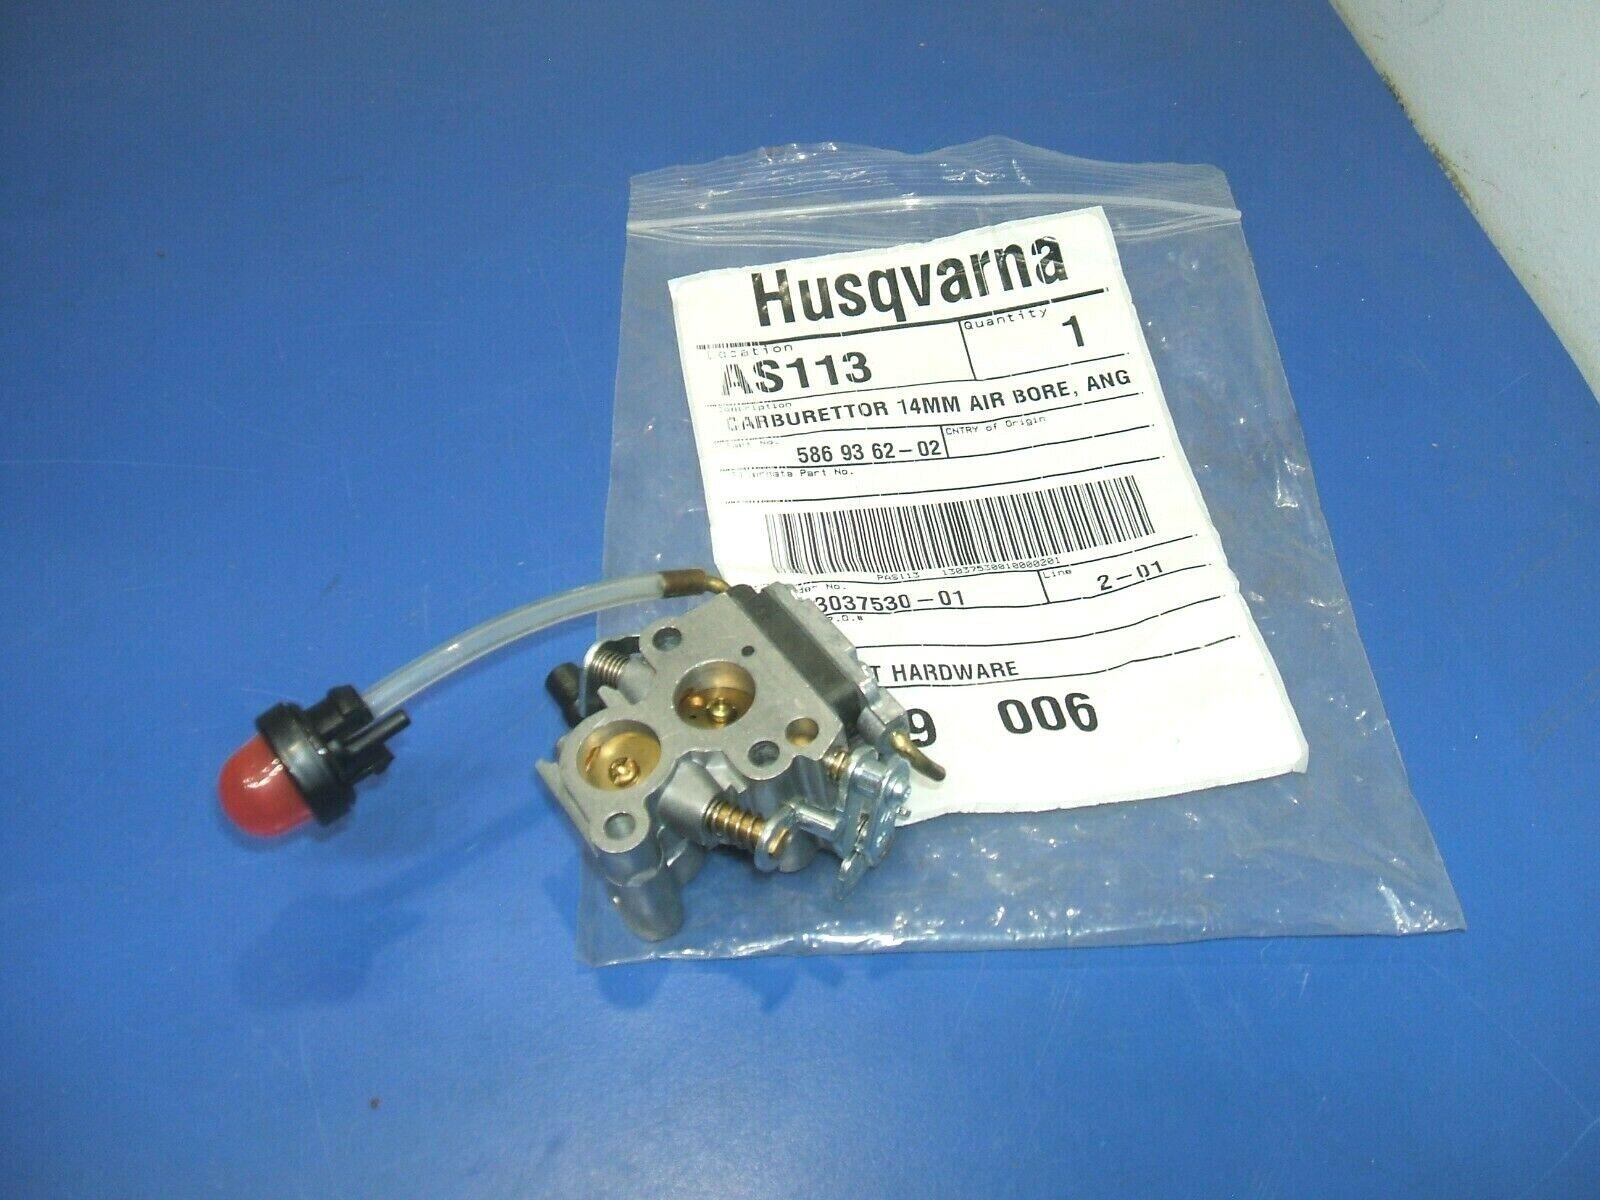 Fabricante de equipos originales Genuino Husqvarna 586 93 62-02,236 e, 236,120 MARK Cocheburador, Nuevo, Lote II de 1